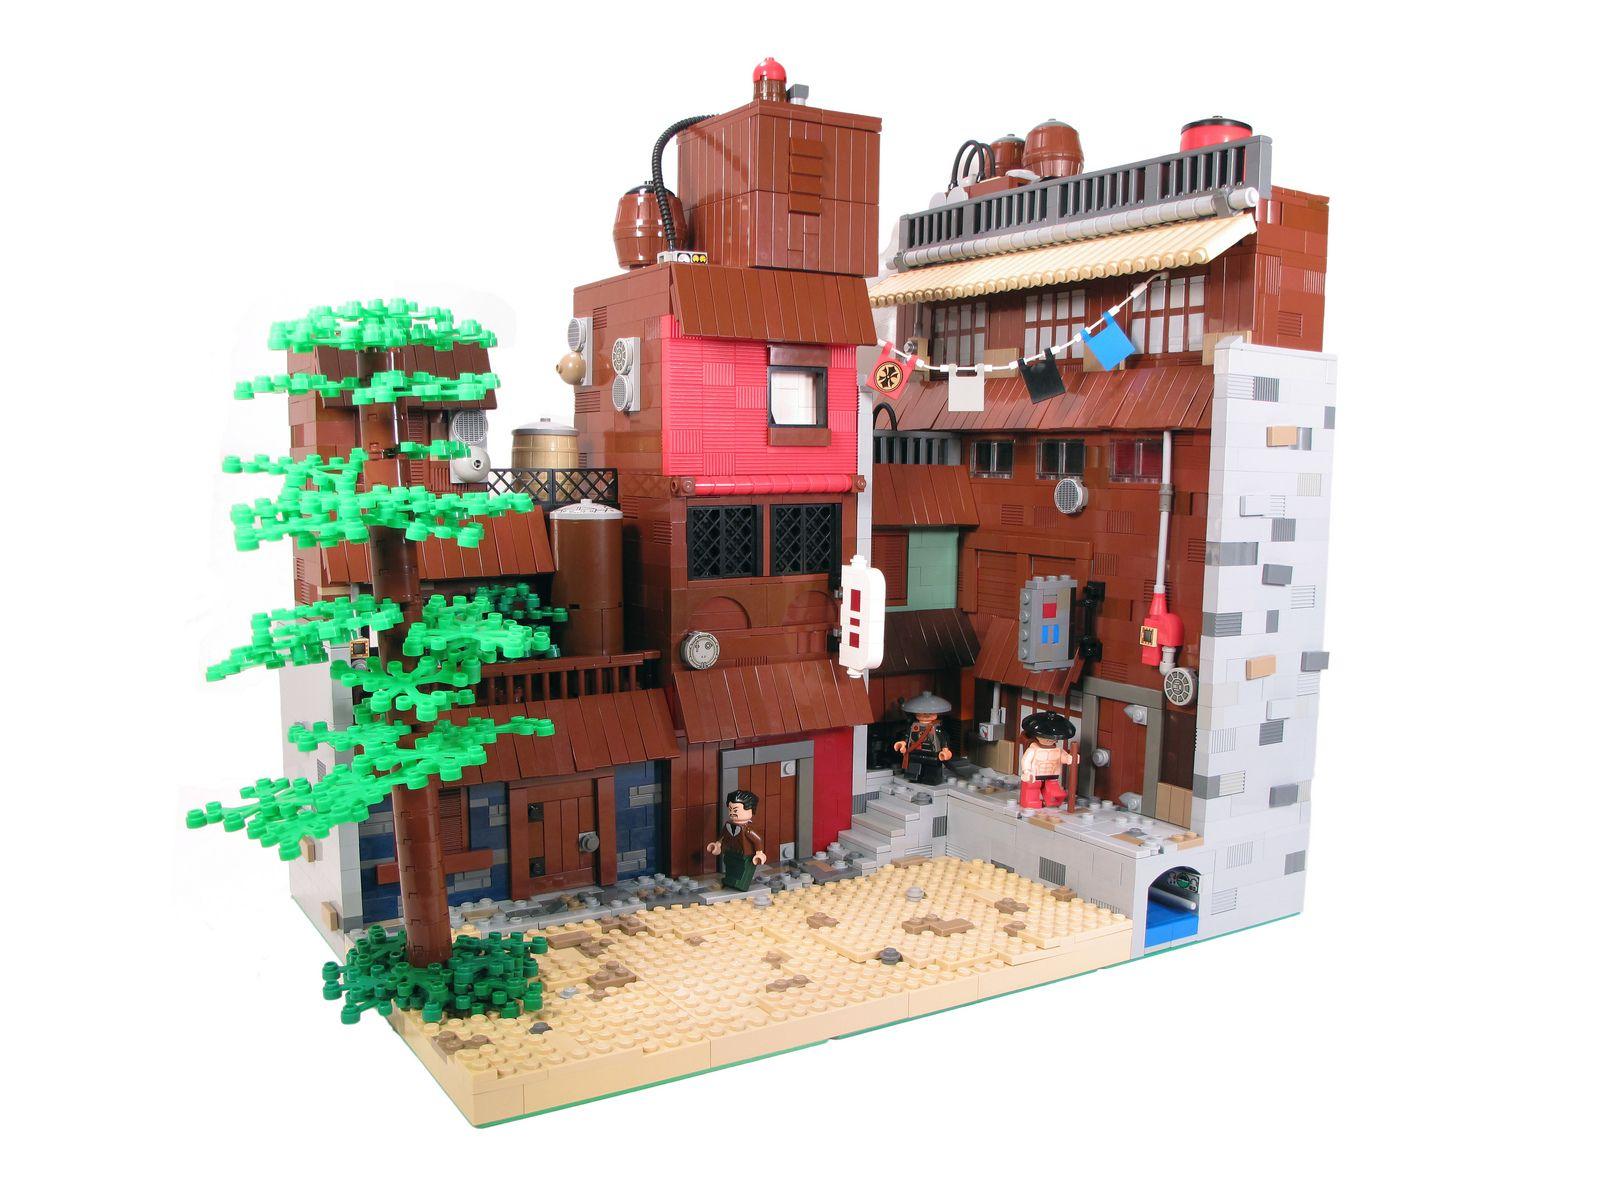 Konoha Lego city, Lego, Lego building